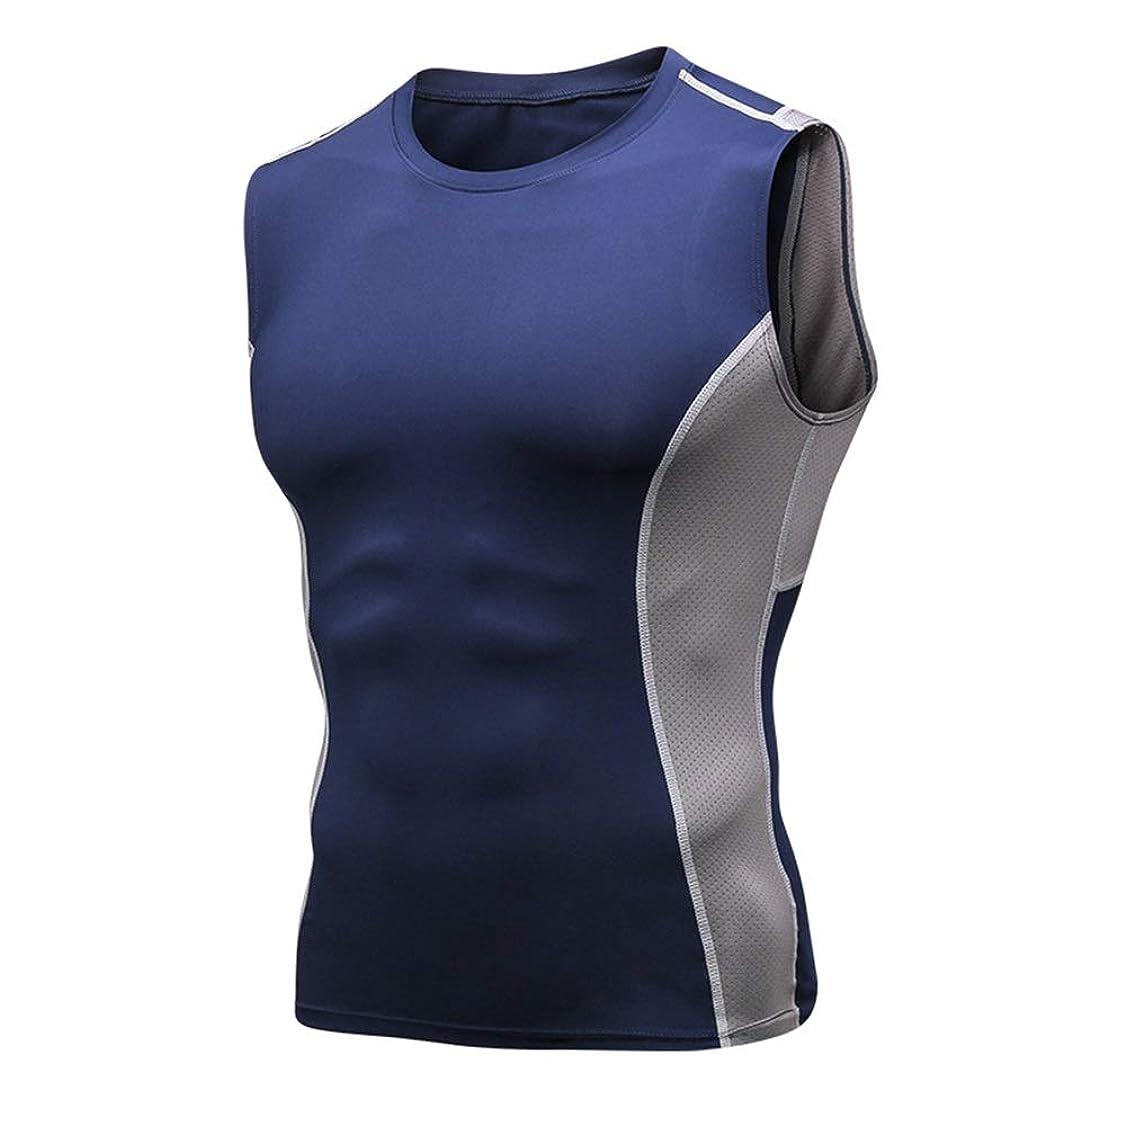 スカープその結果がっかりしたフィットネス服トップ ワークアウトトップスを実行しているメンズクールドライフィットマッスルジムトレーニングタンクトップノースリーブ 筋トレ ストレッチ スポーツウェア ボディビル (Color : Blue, Size : XL)